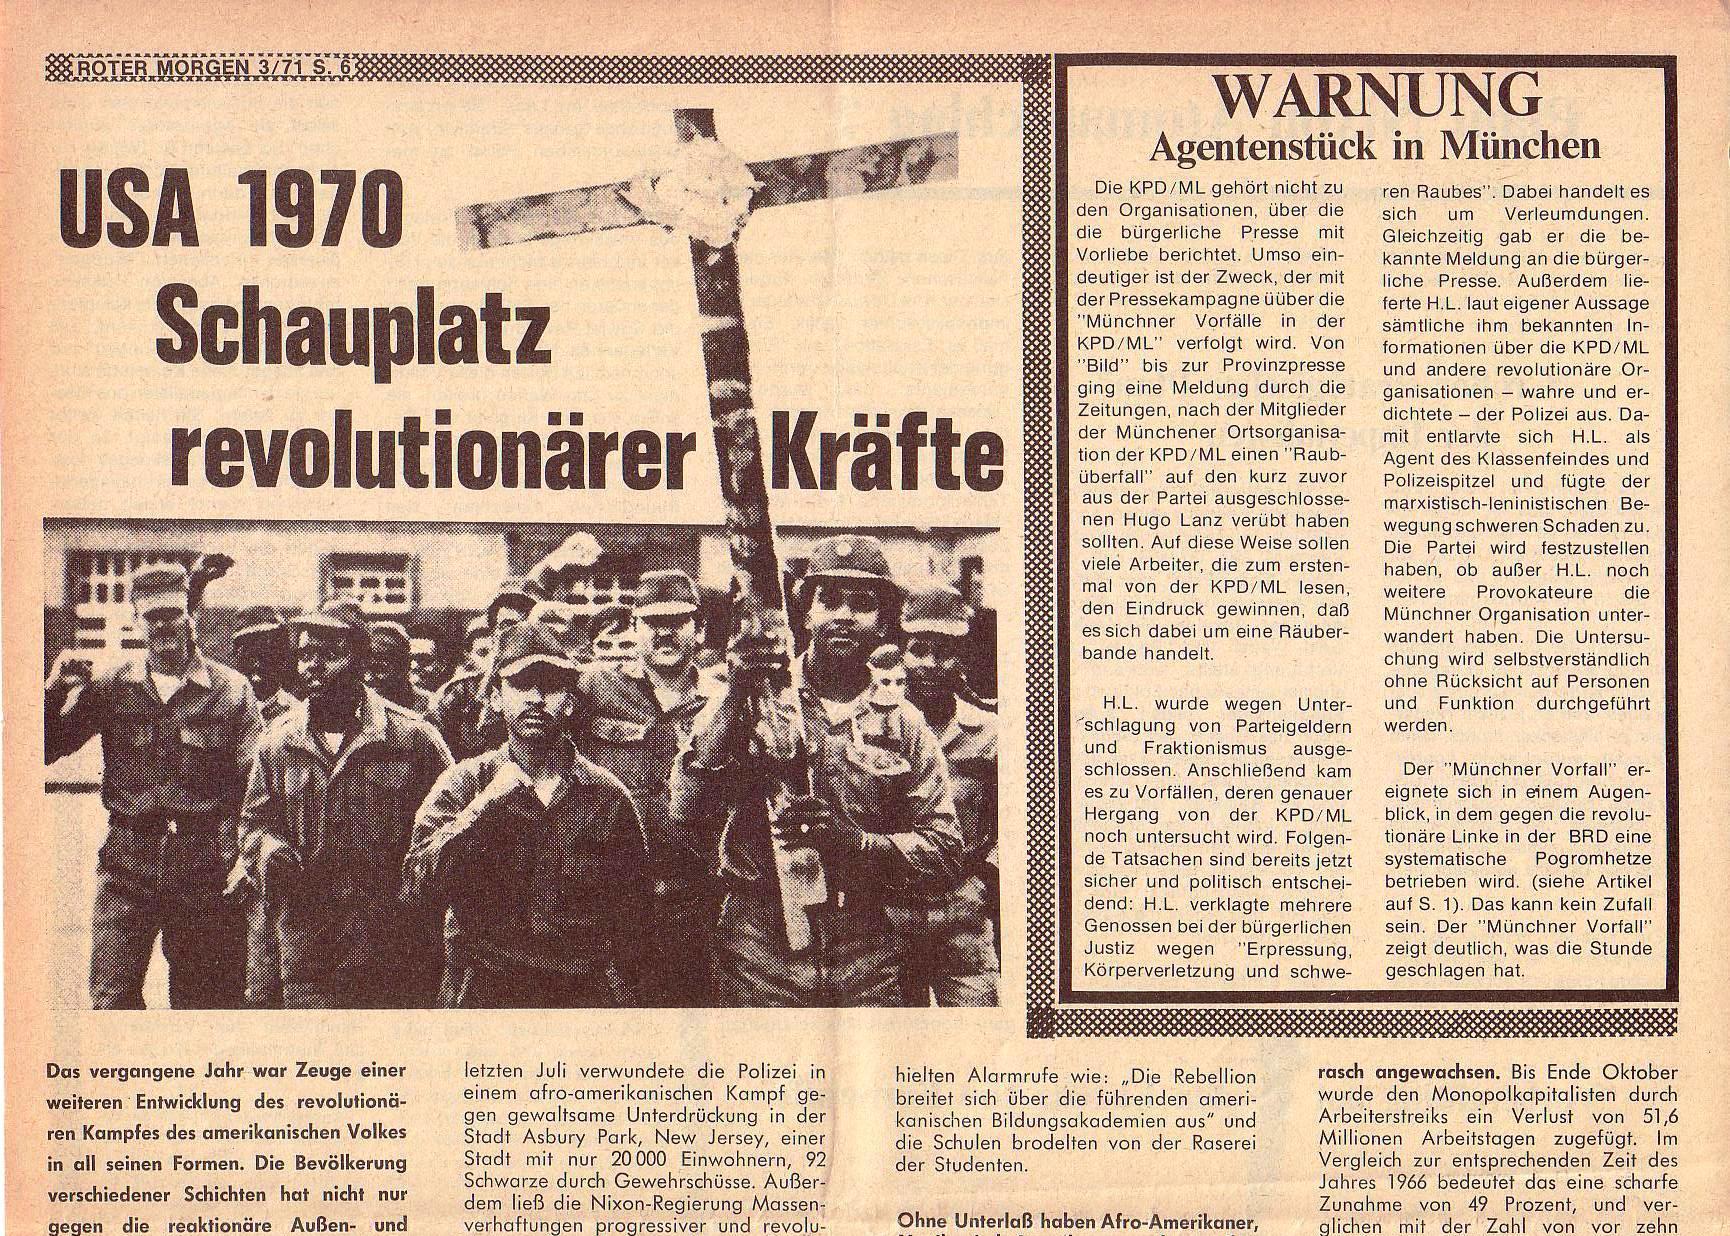 Roter Morgen, 5. Jg., März 1971, Nr. 3, Seite 6a